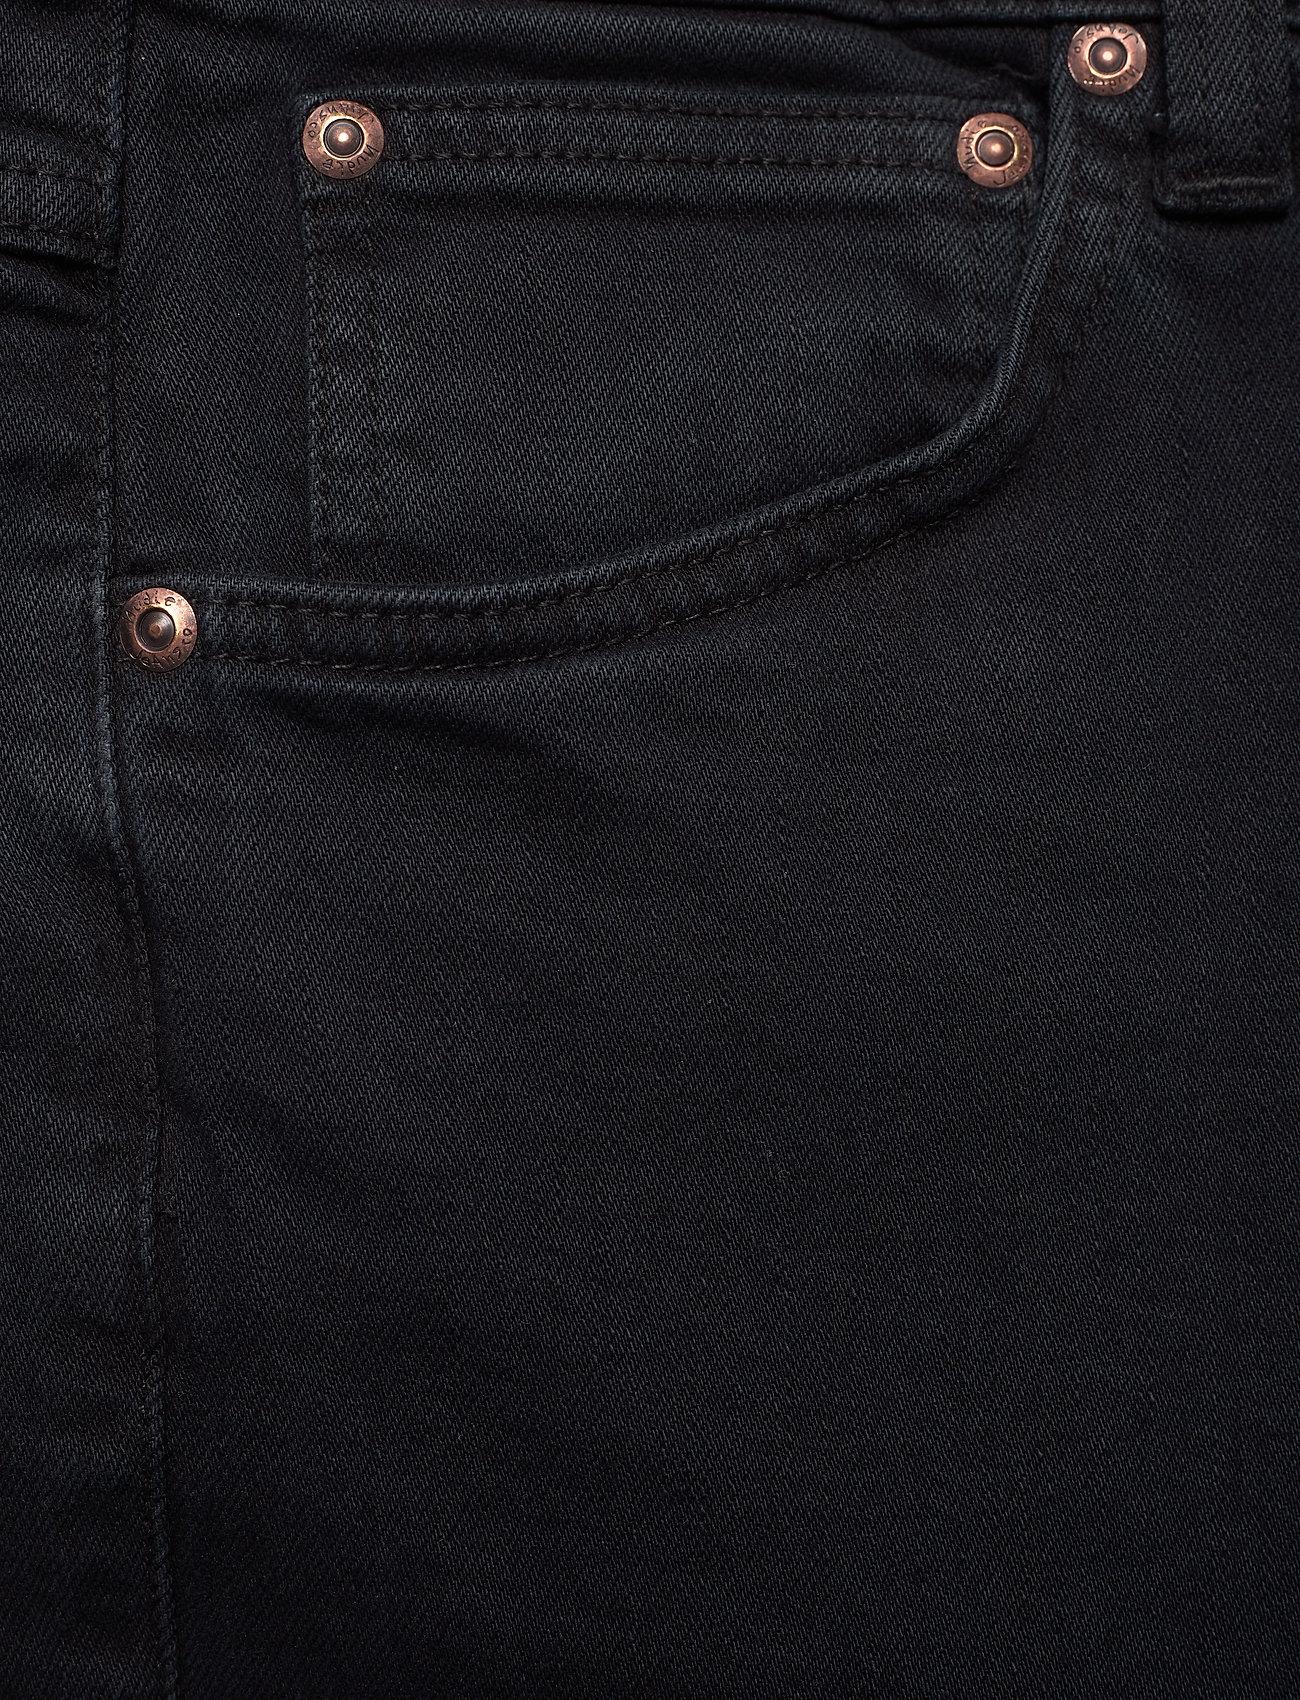 Nudie Jeans - Lean Dean - slim jeans - black skies - 2